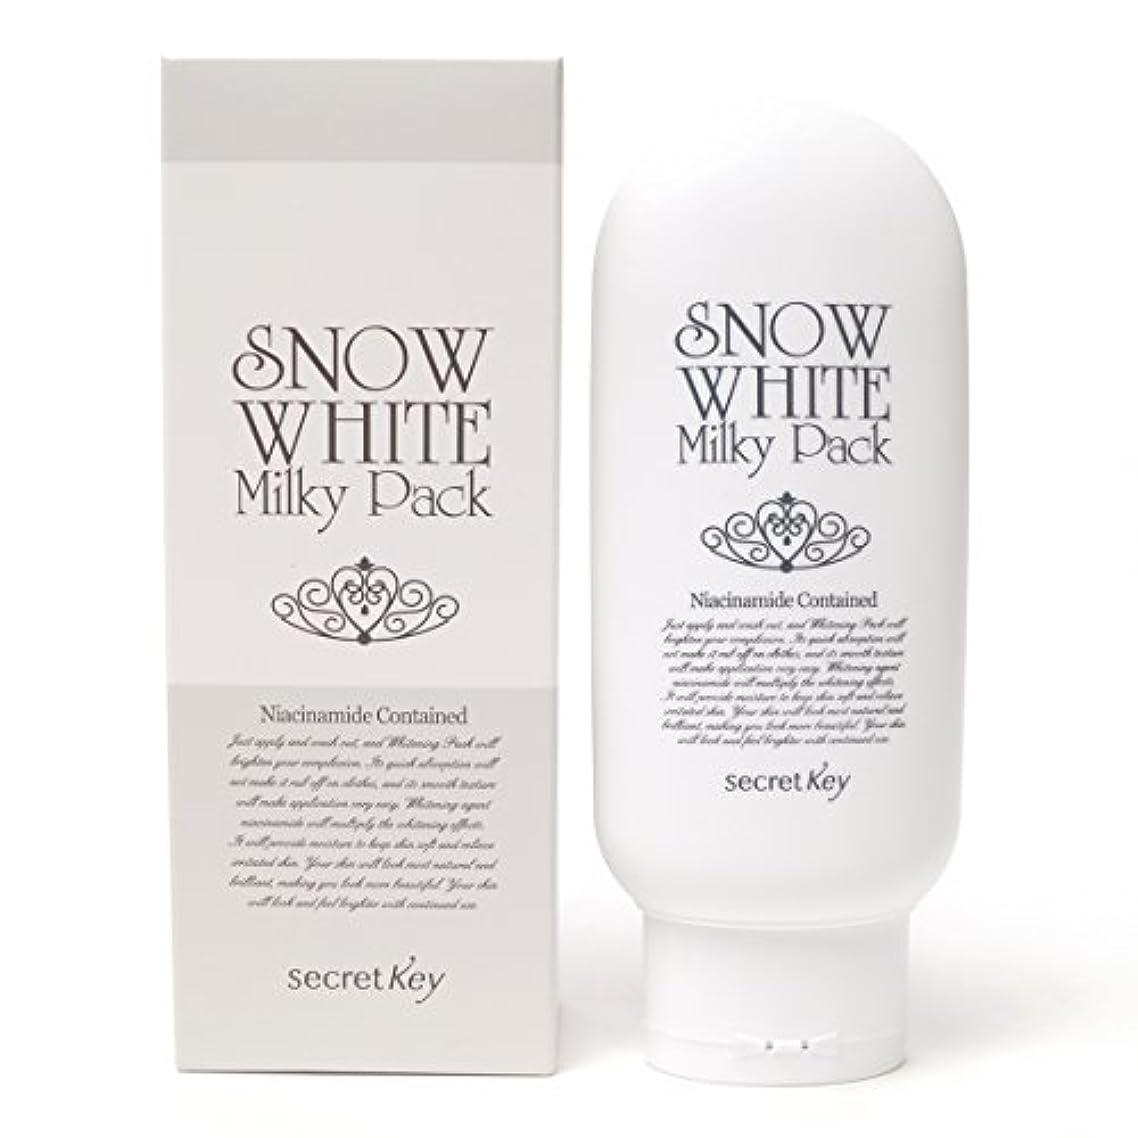 ベイビー廊下ライトニングSecret key シークレッドキー スノー?ホワイト?ミルキー?パック 200g (Snow White Milky Pack) 海外直送品